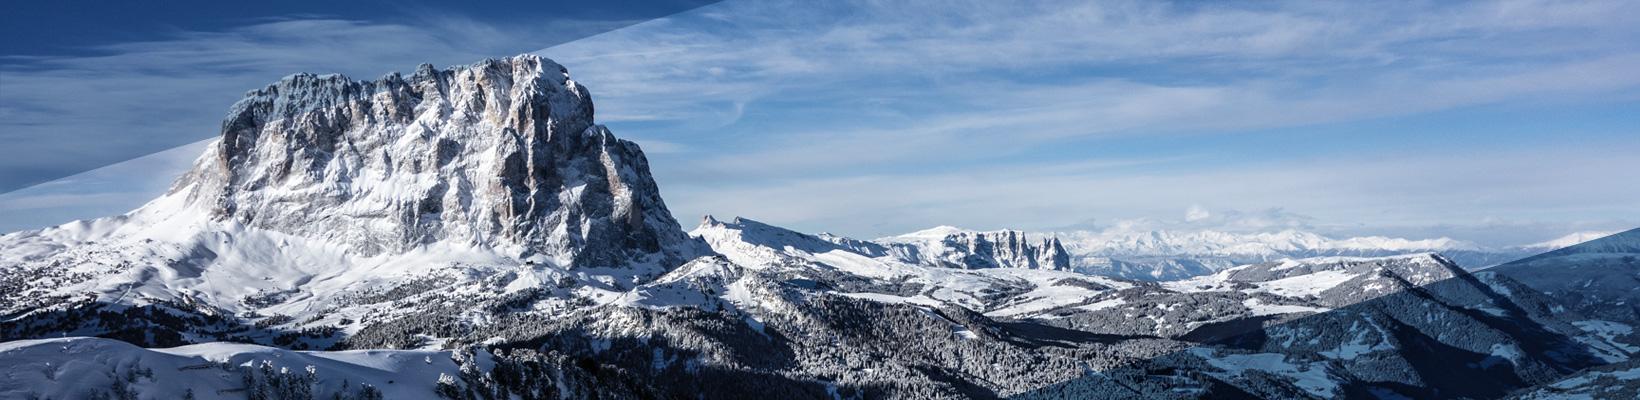 Pixnor Frauen M/ütze Hut Wolle gestrickt Damen Winter Warm SKI Snowboard Bl/ätter aush/öhlen stricken Hut gr/ün